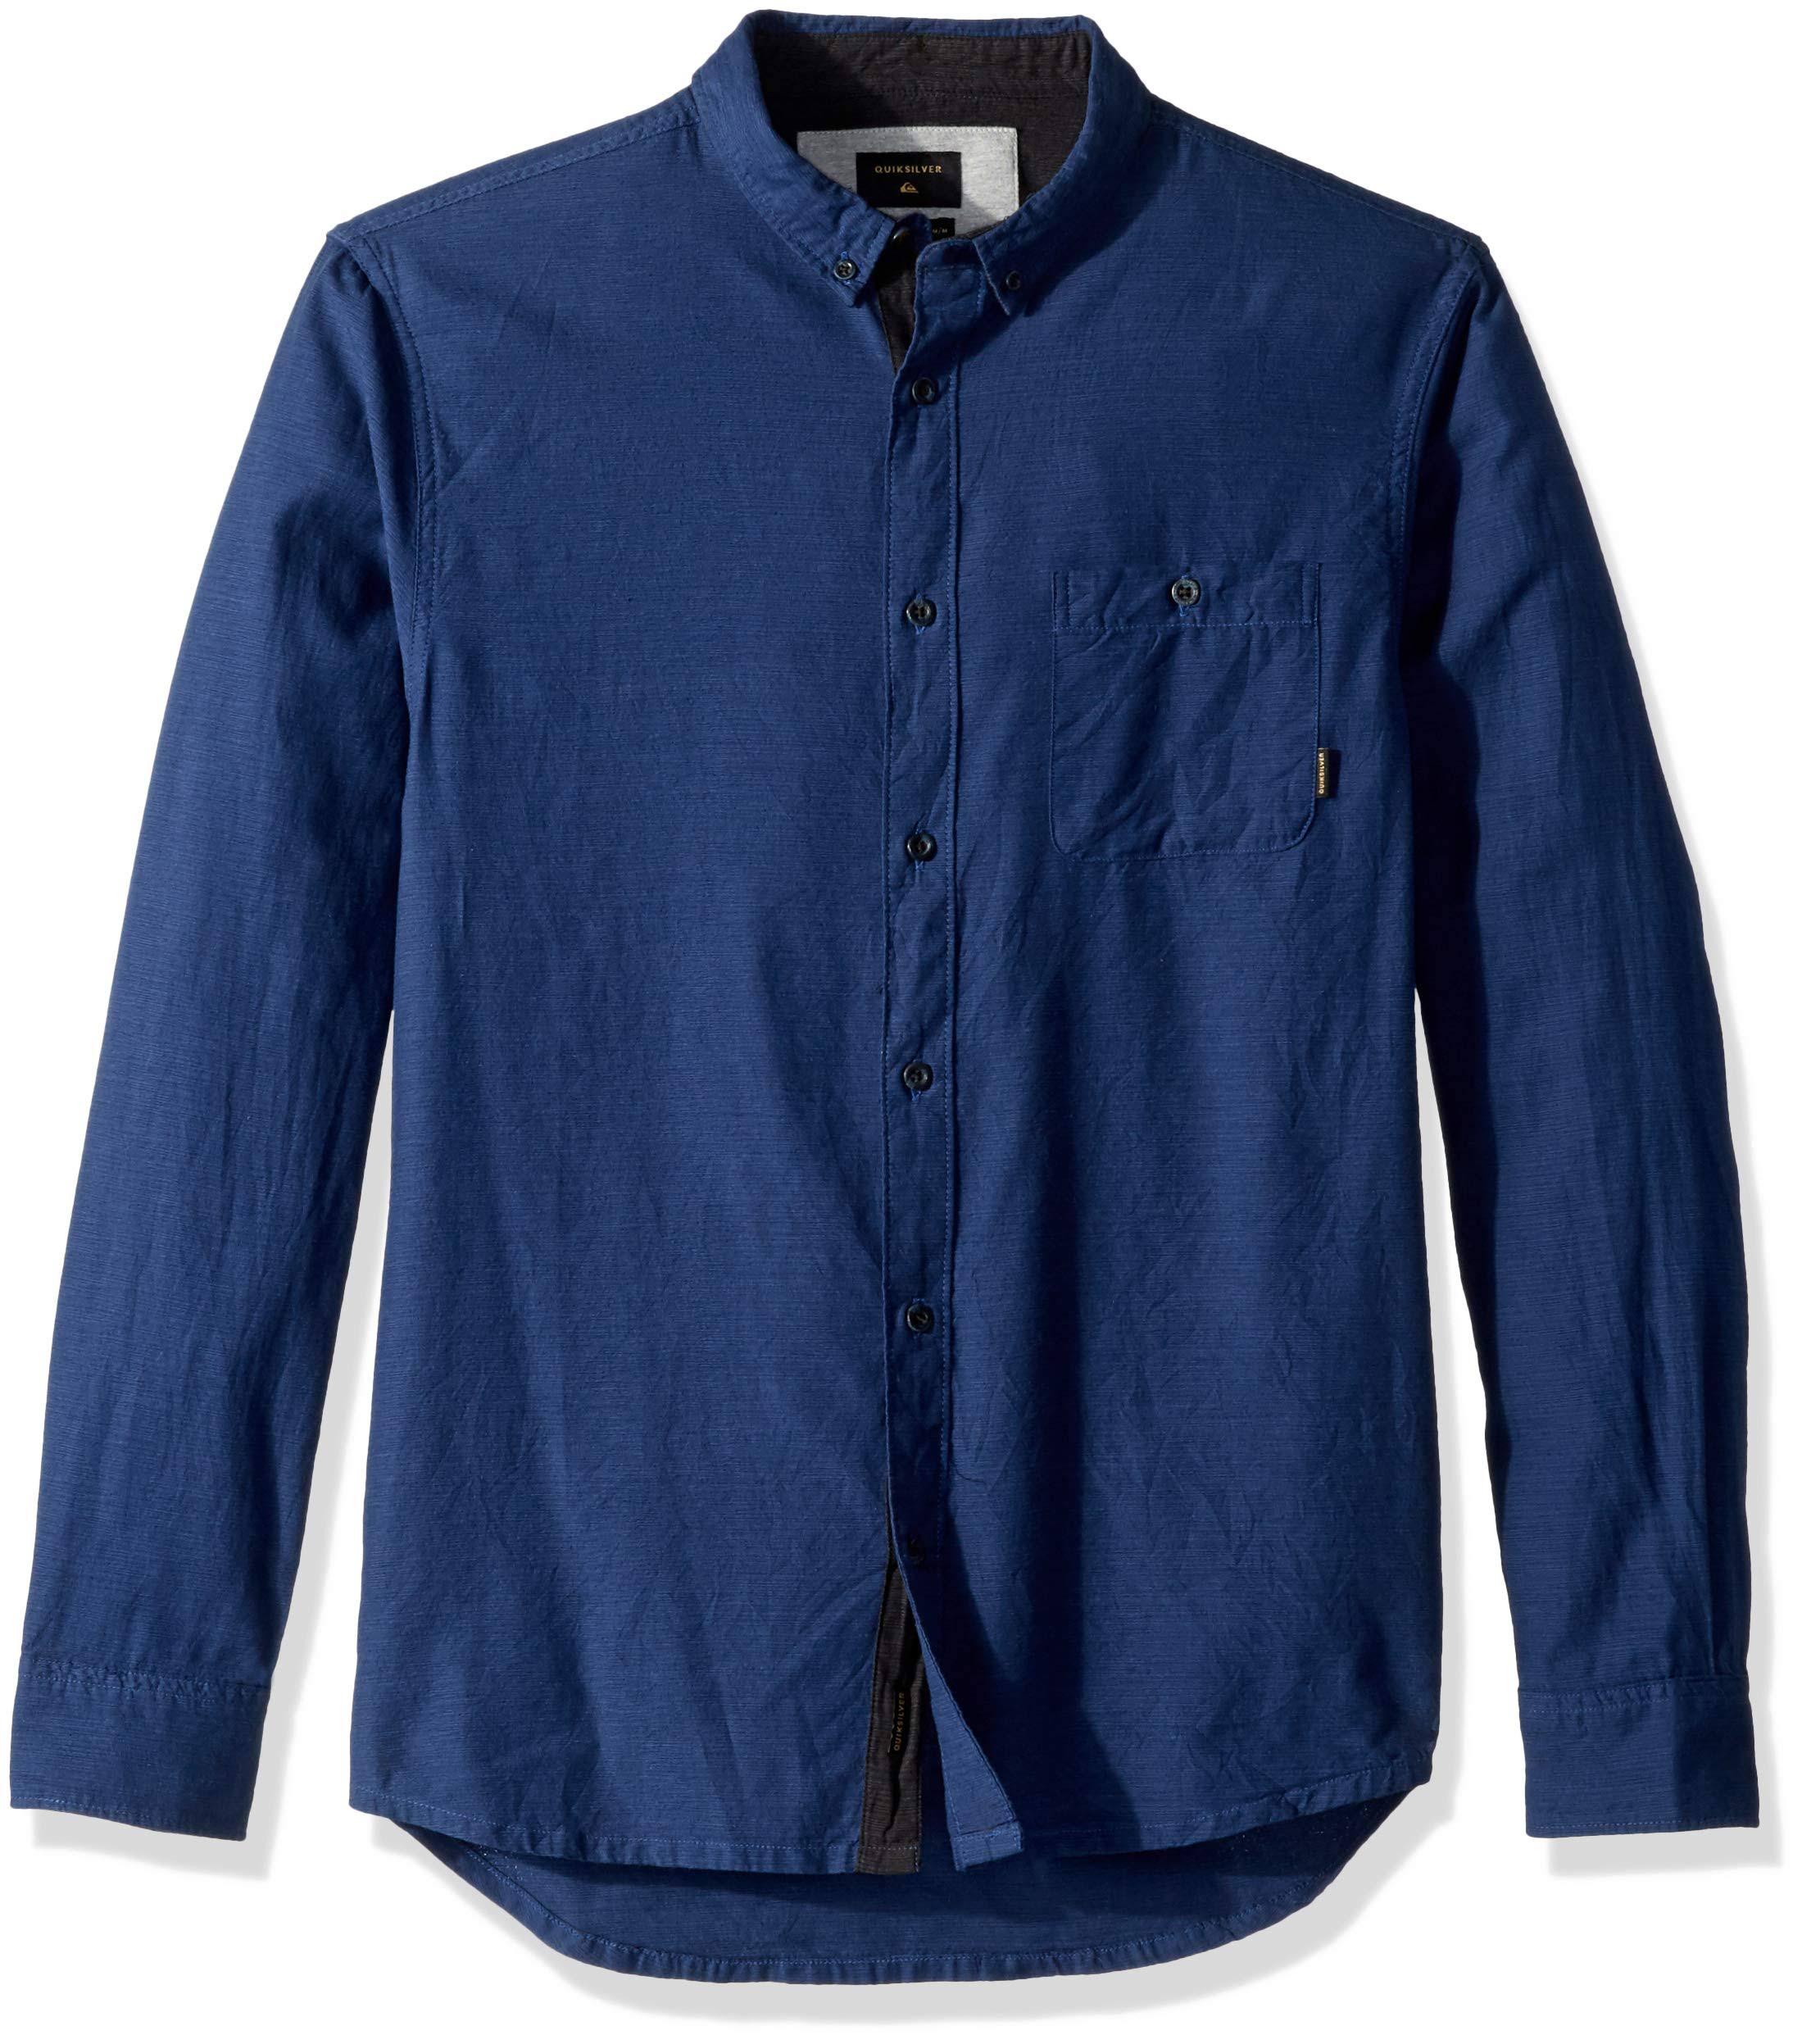 Herren Langarmhemd Blau Quiksilver S Waterfalls Größe zUEnCwFq